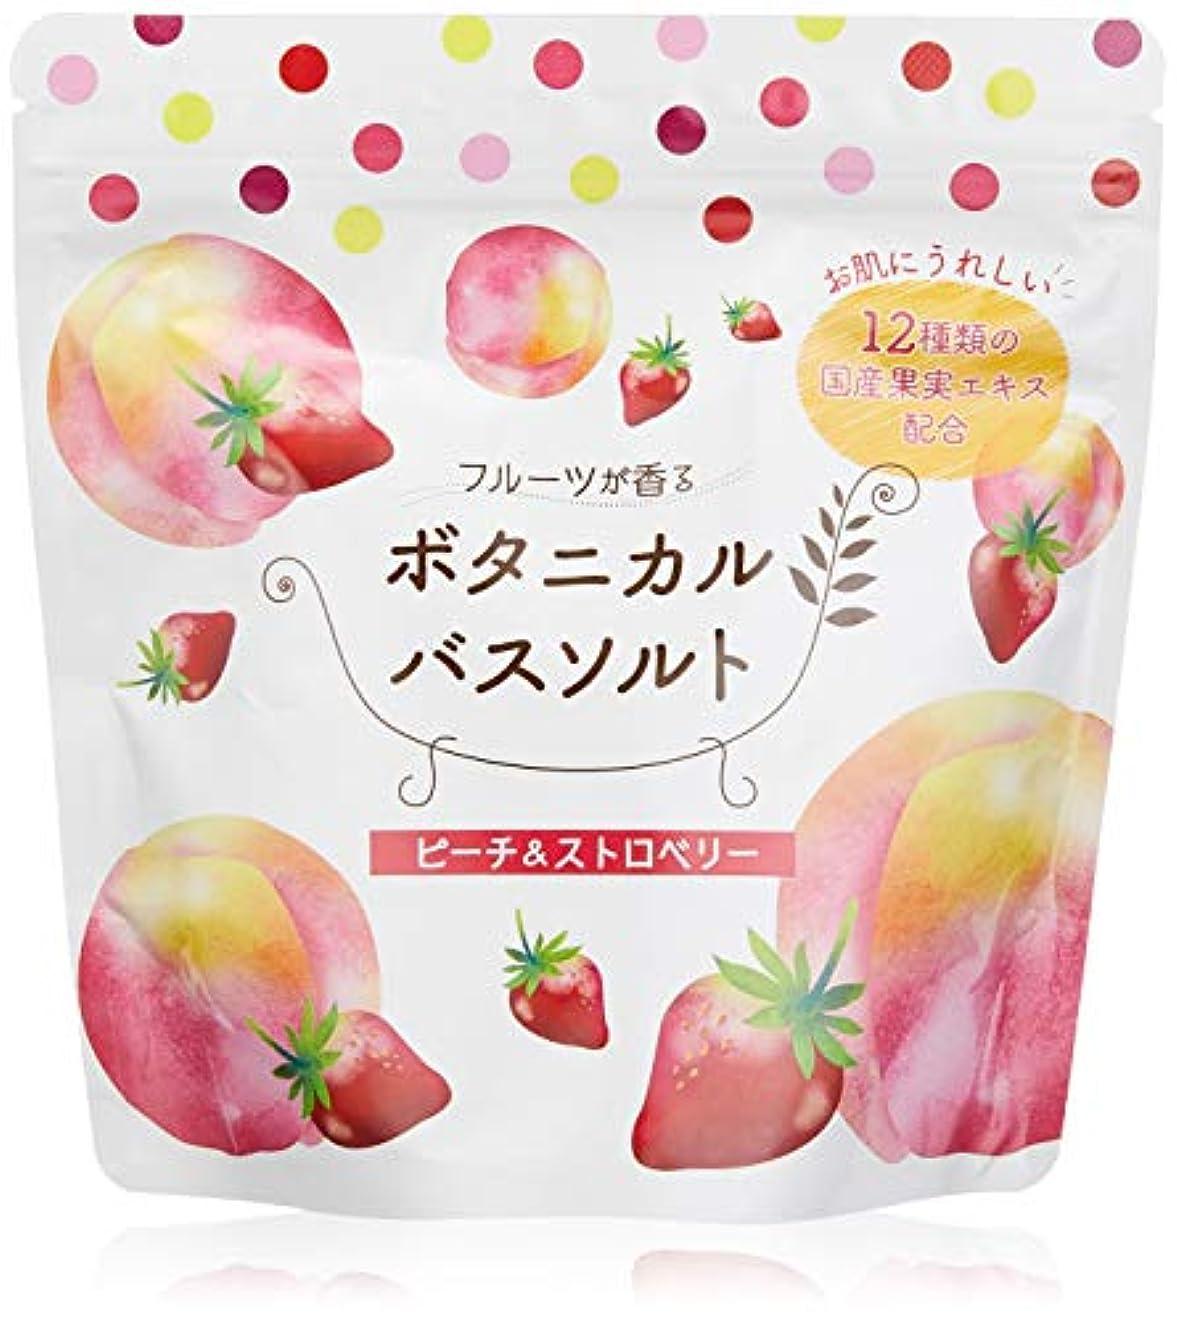 固有のブロー入場料松田医薬品 フルーツが香るボタニカルバスソルト ピーチ&ストロベリー 450g